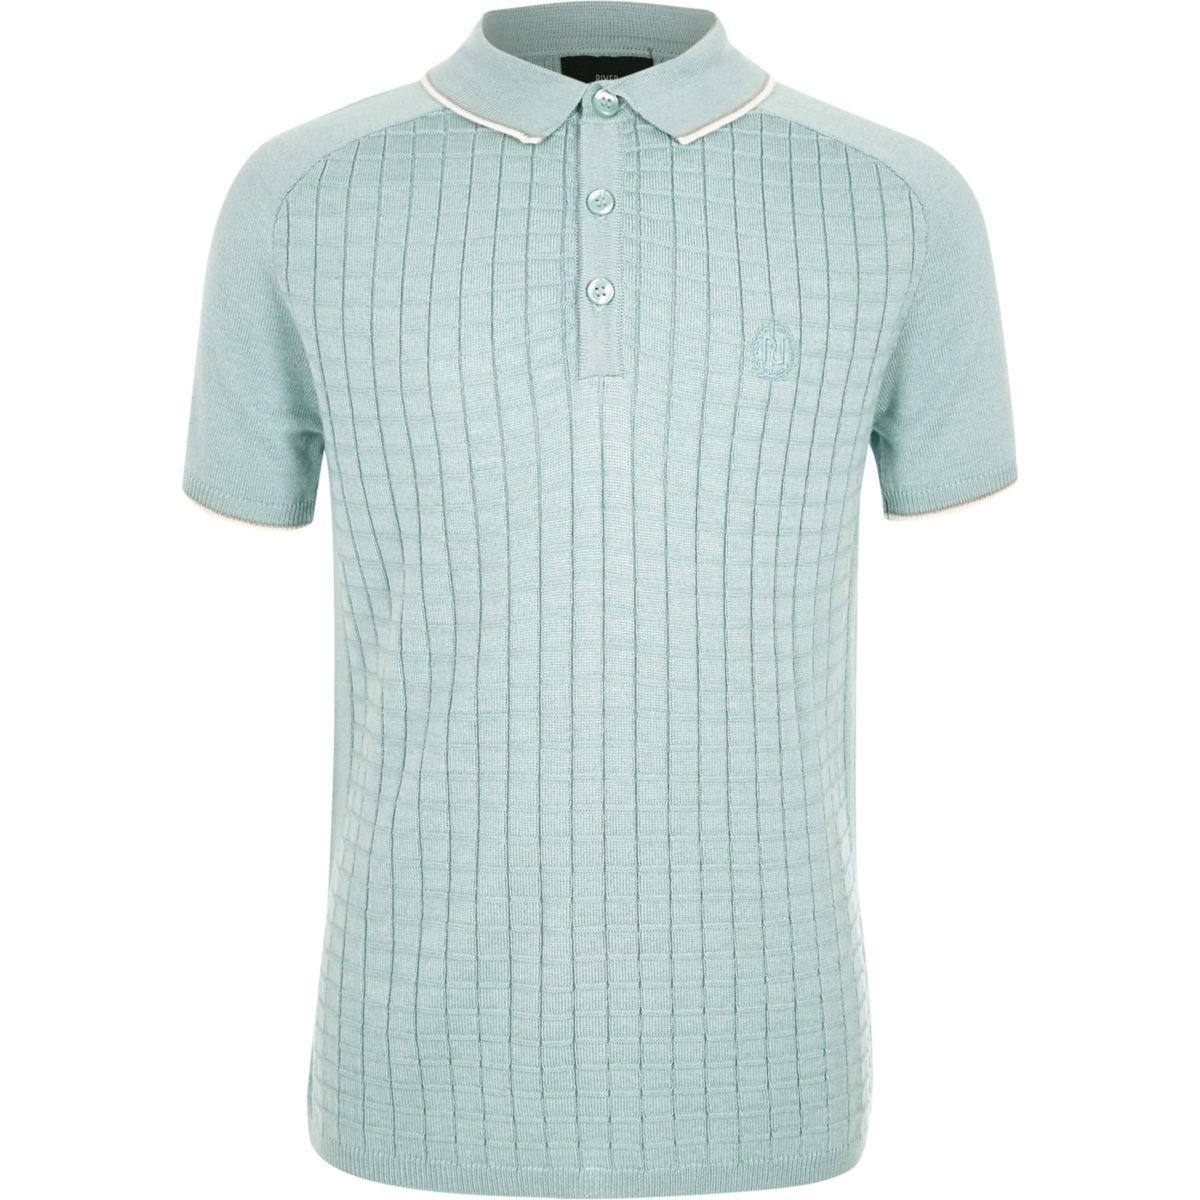 Boys light green sleeve grid polo shirt